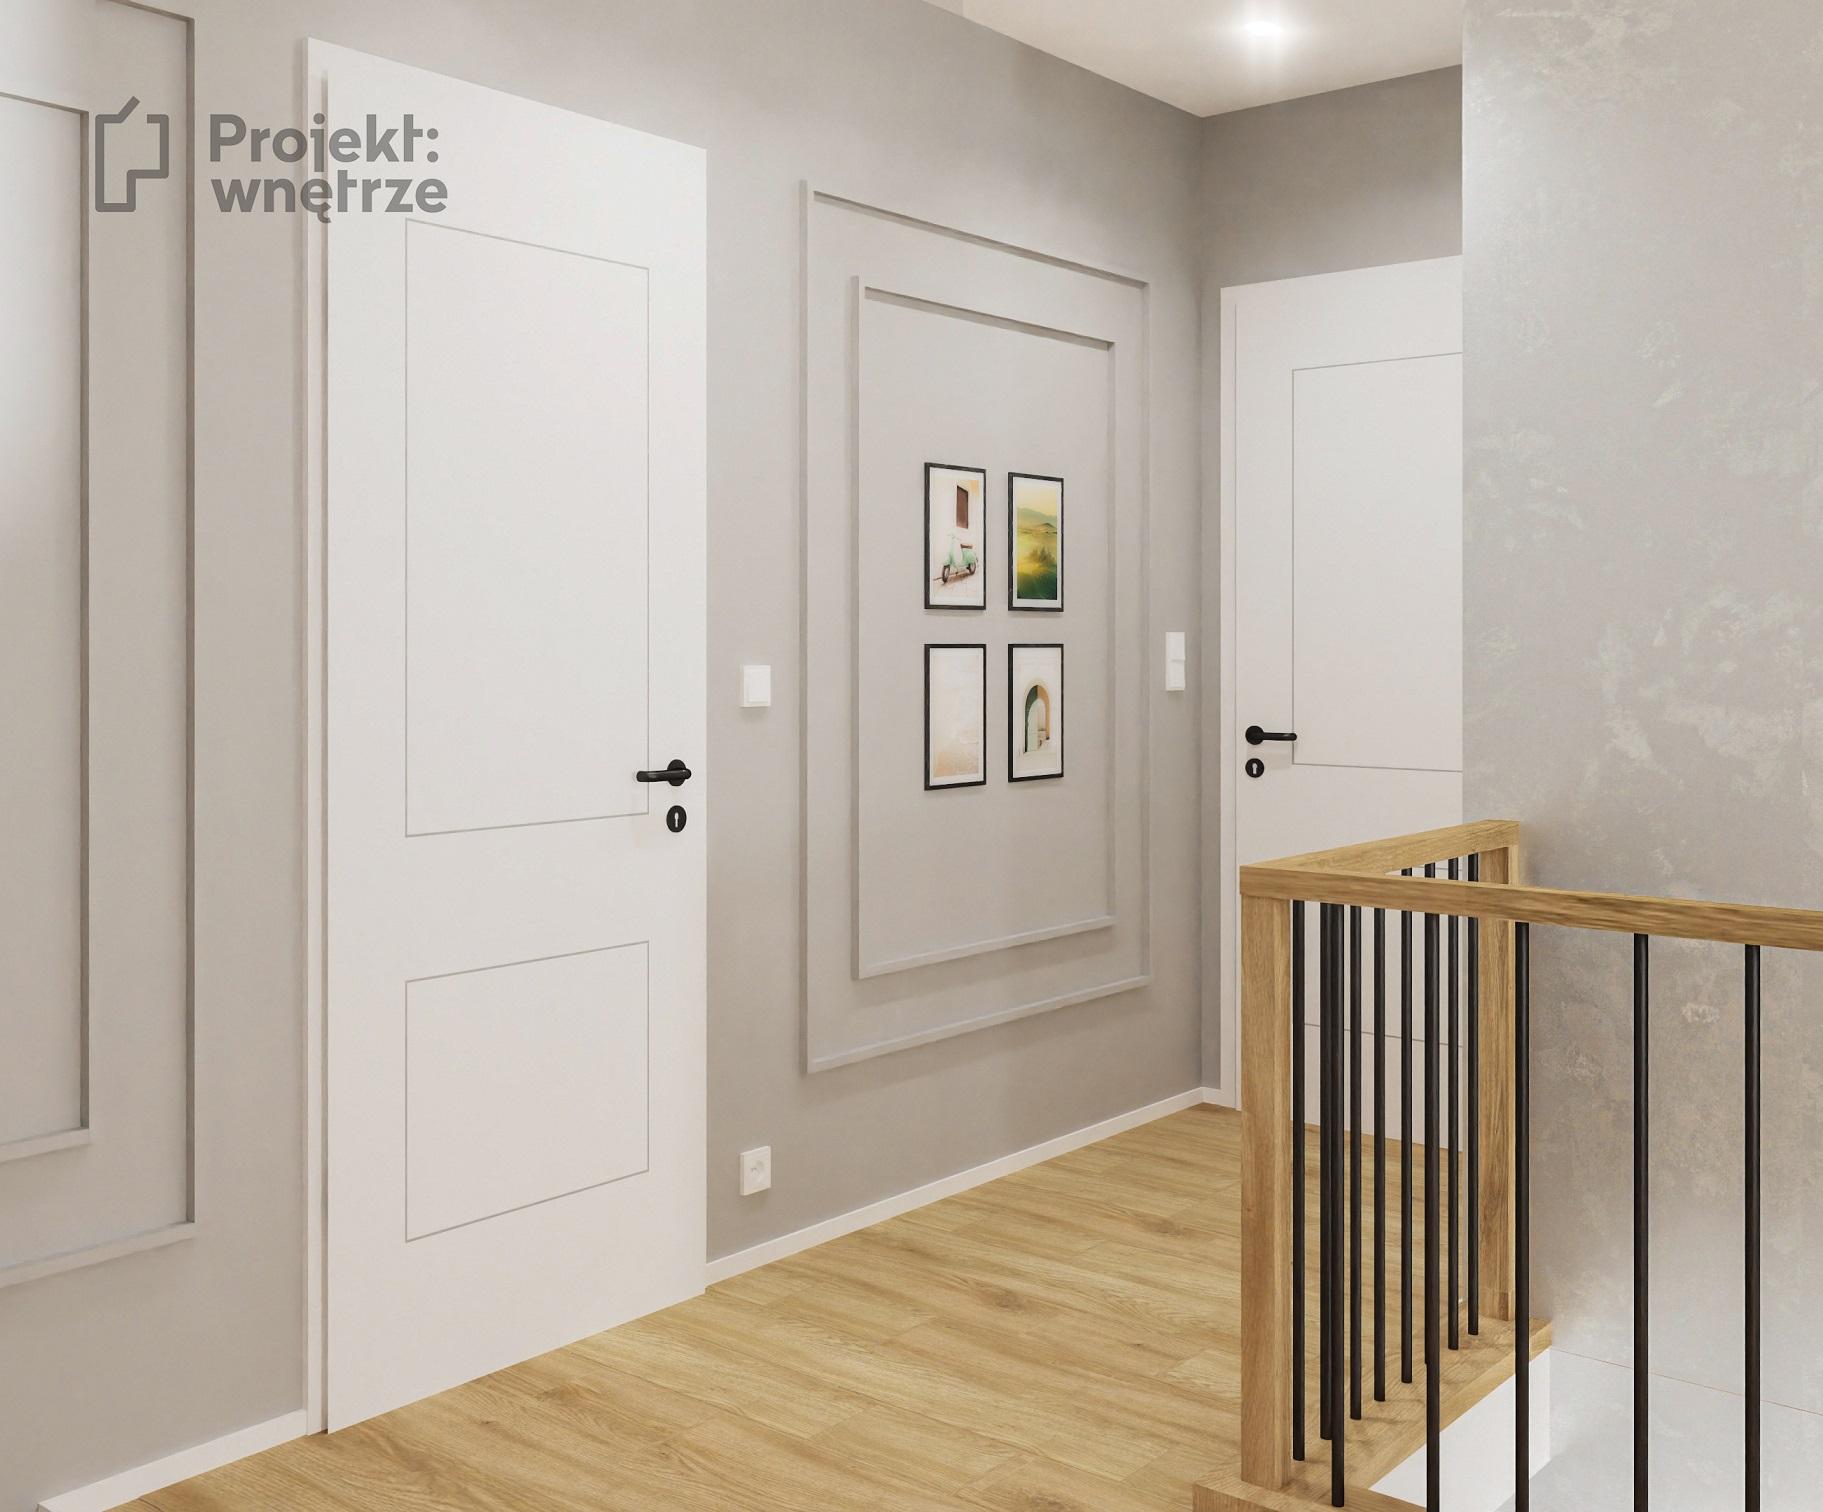 PROJEKT WNĘTRZE korytarz i klatka schodowa szarość sztukateria biel drewno balustrada czarne pręty drewno dąb, tynk Jeger Velvet Alice - projektowanie wnętrz Warszawa